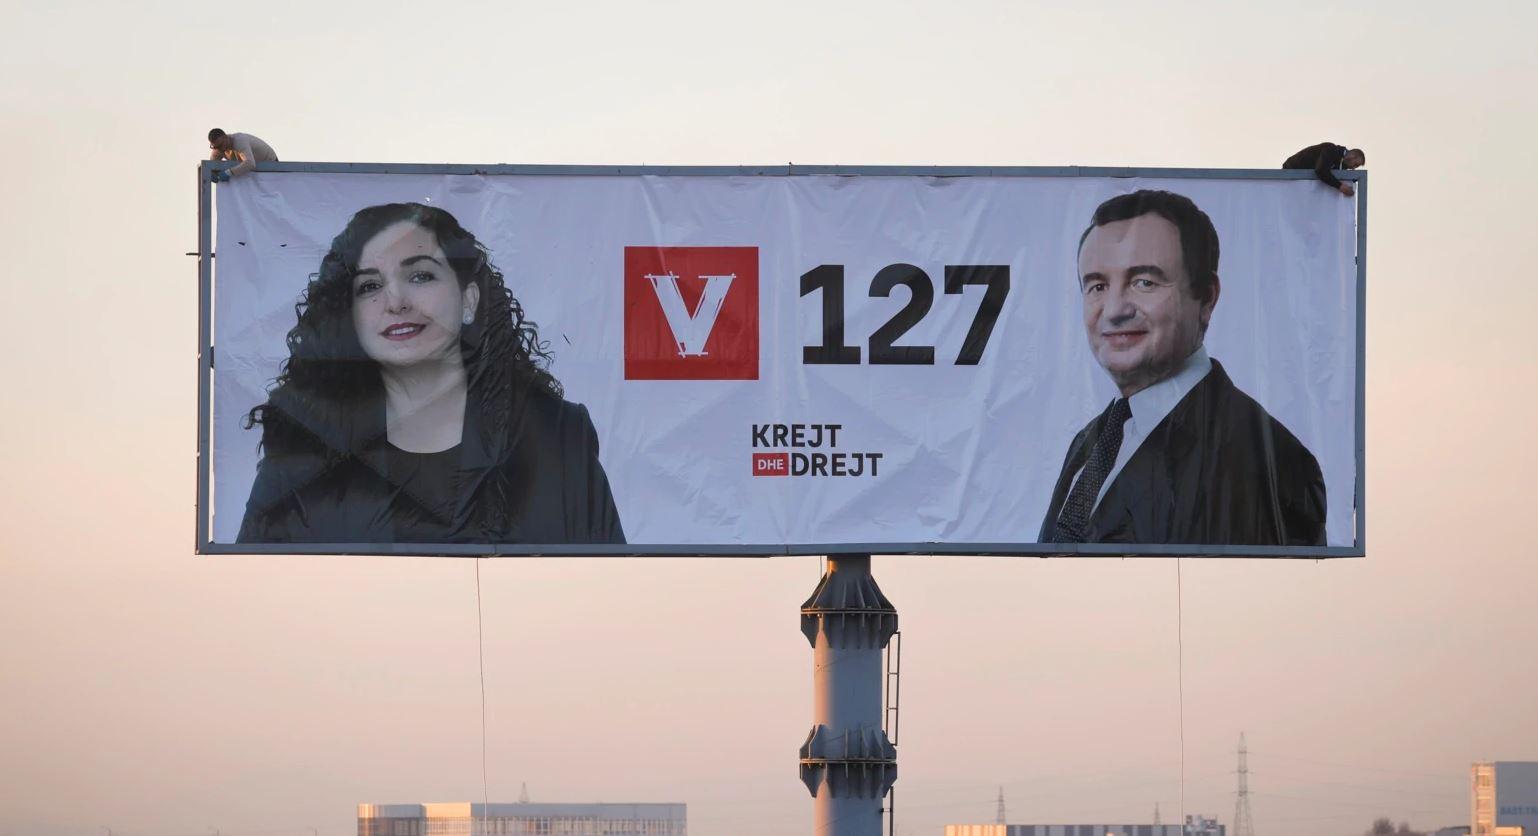 Zgjedhjet mbaruan, po tani? Si zgjidhet qeveria në Kosovë, opsionet, skenarët dhe sfidat